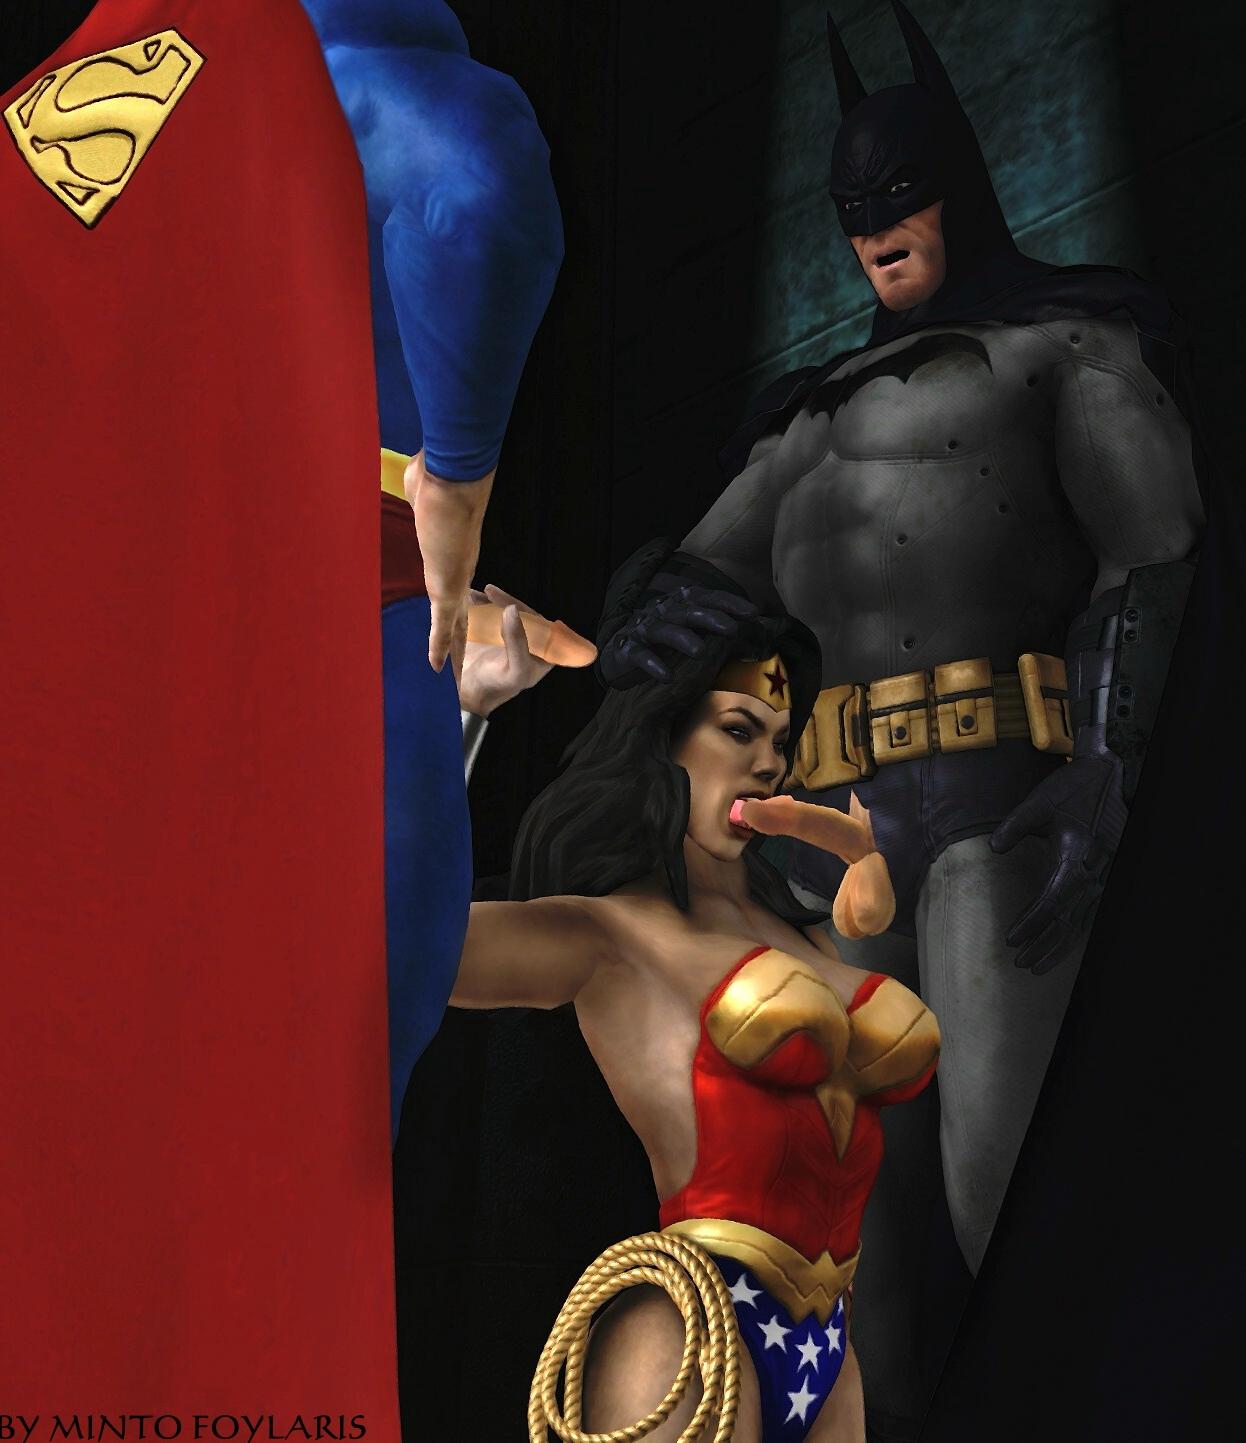 Batman arkham hentia 3d adult image